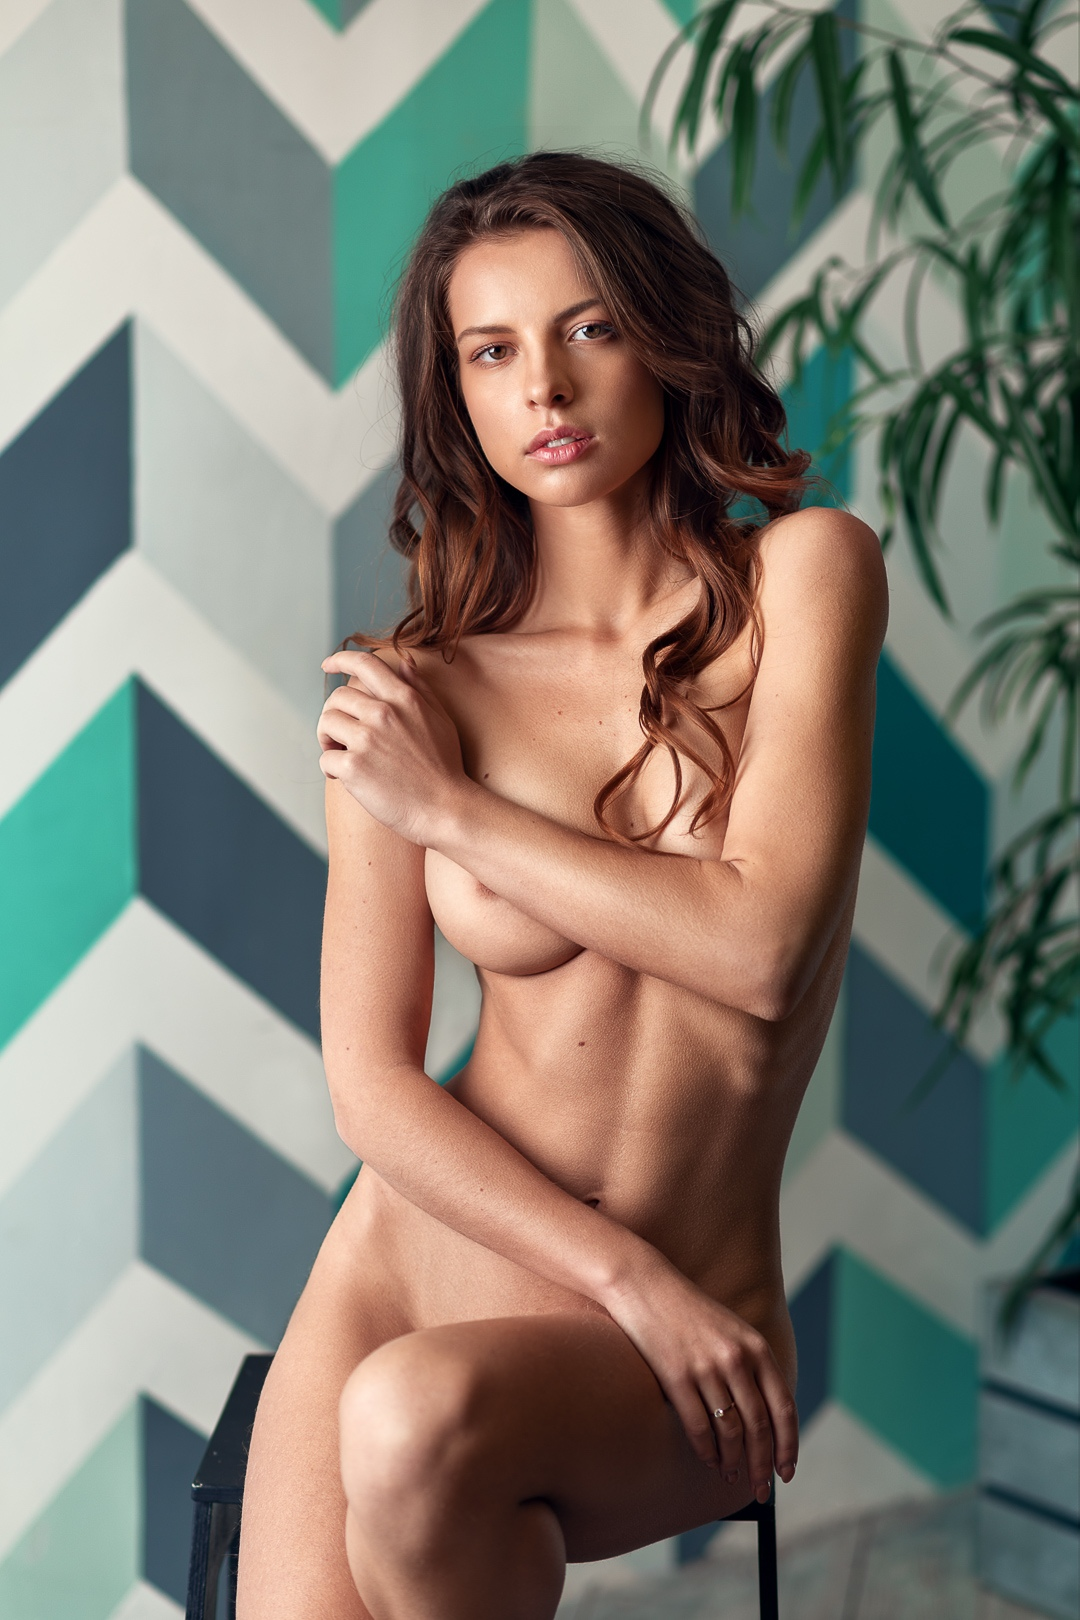 Julia Zubova - Dmitry Elizarov photoshoot